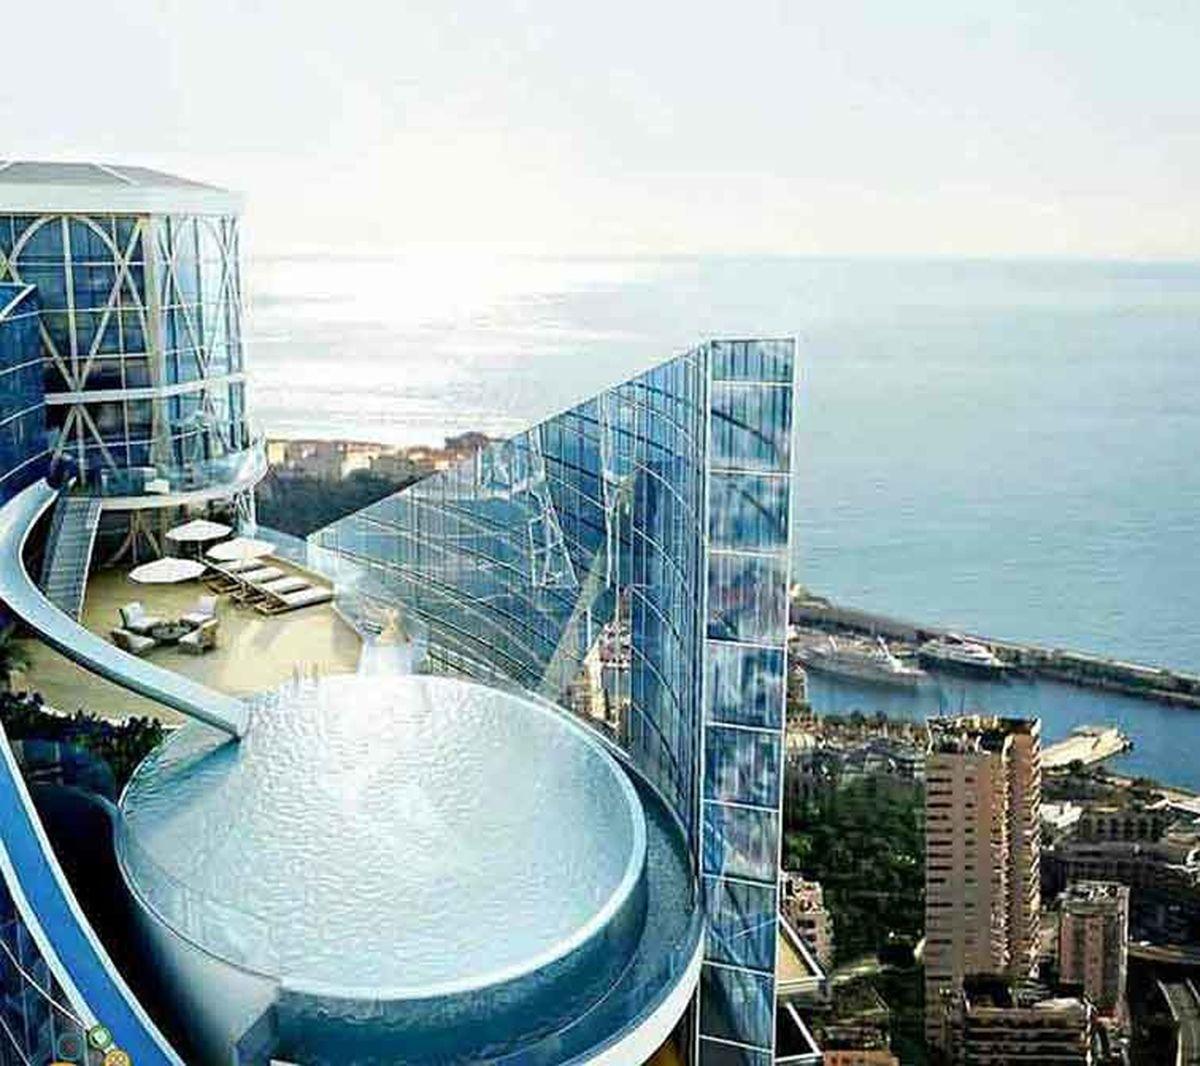 گرانترین آپارتمان جهان به قیمت ۴۰۰ میلیون دلار!